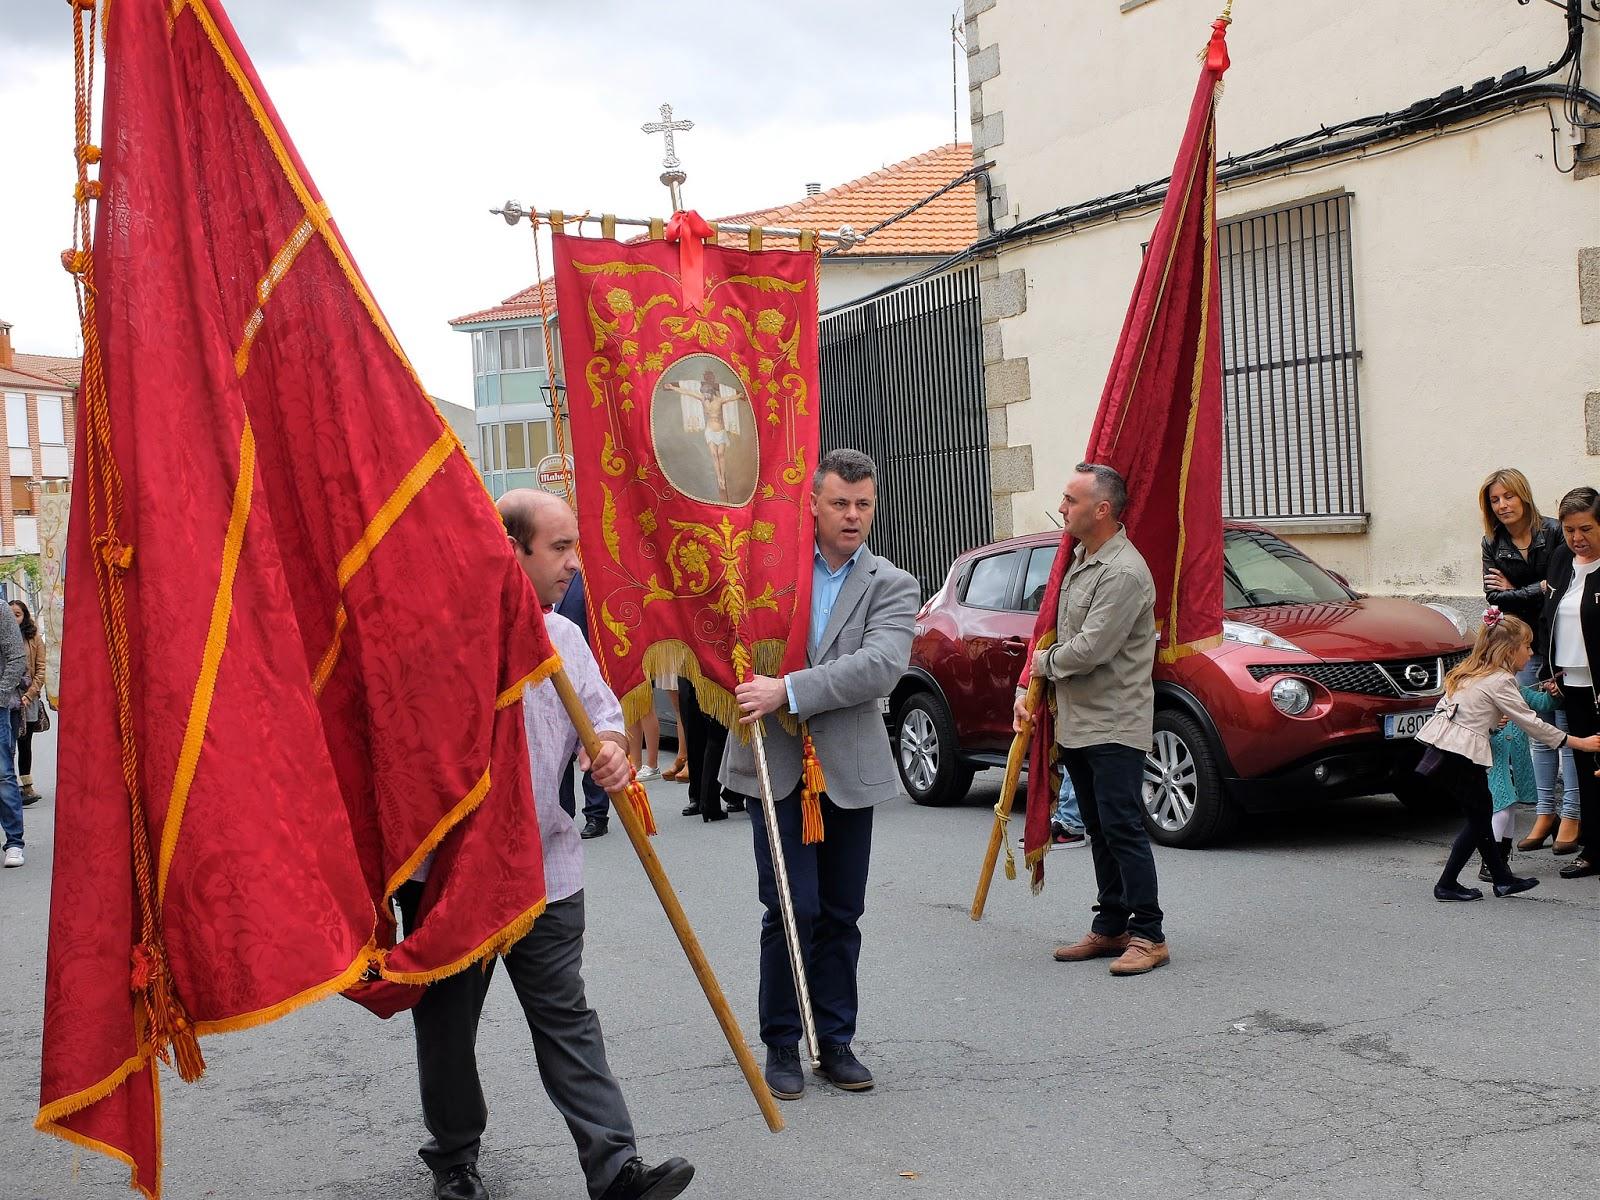 El Barraco, Ávila 2016